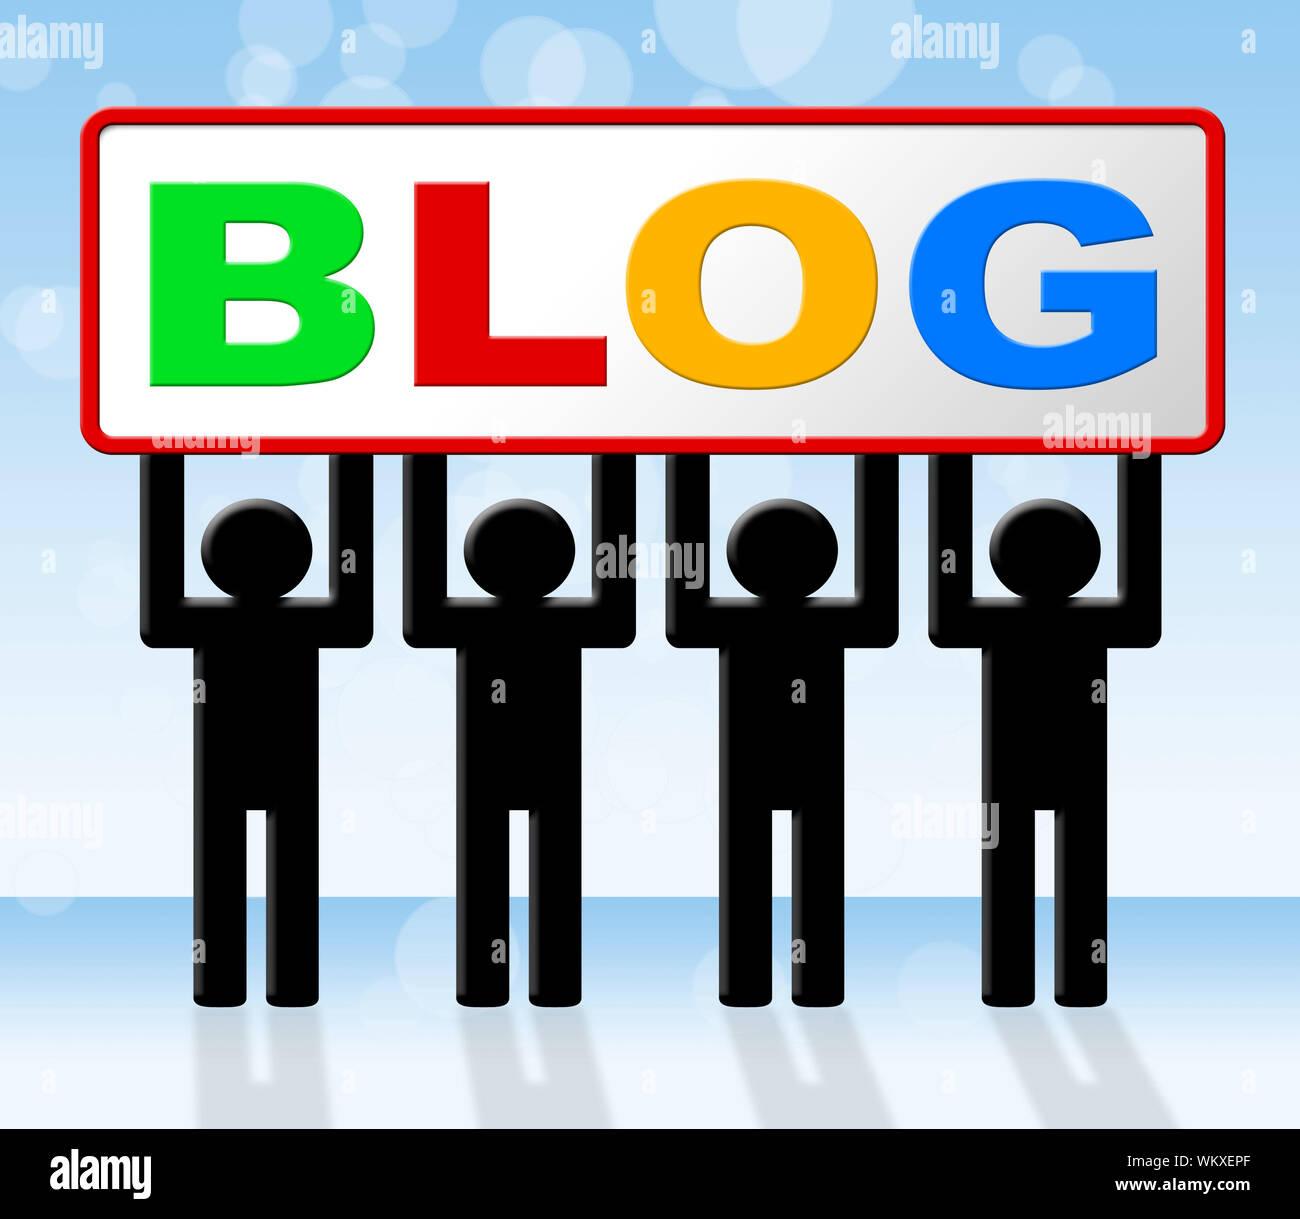 Blog Meaning Web Site Blogging Stockfotos und  bilder Kaufen   Alamy